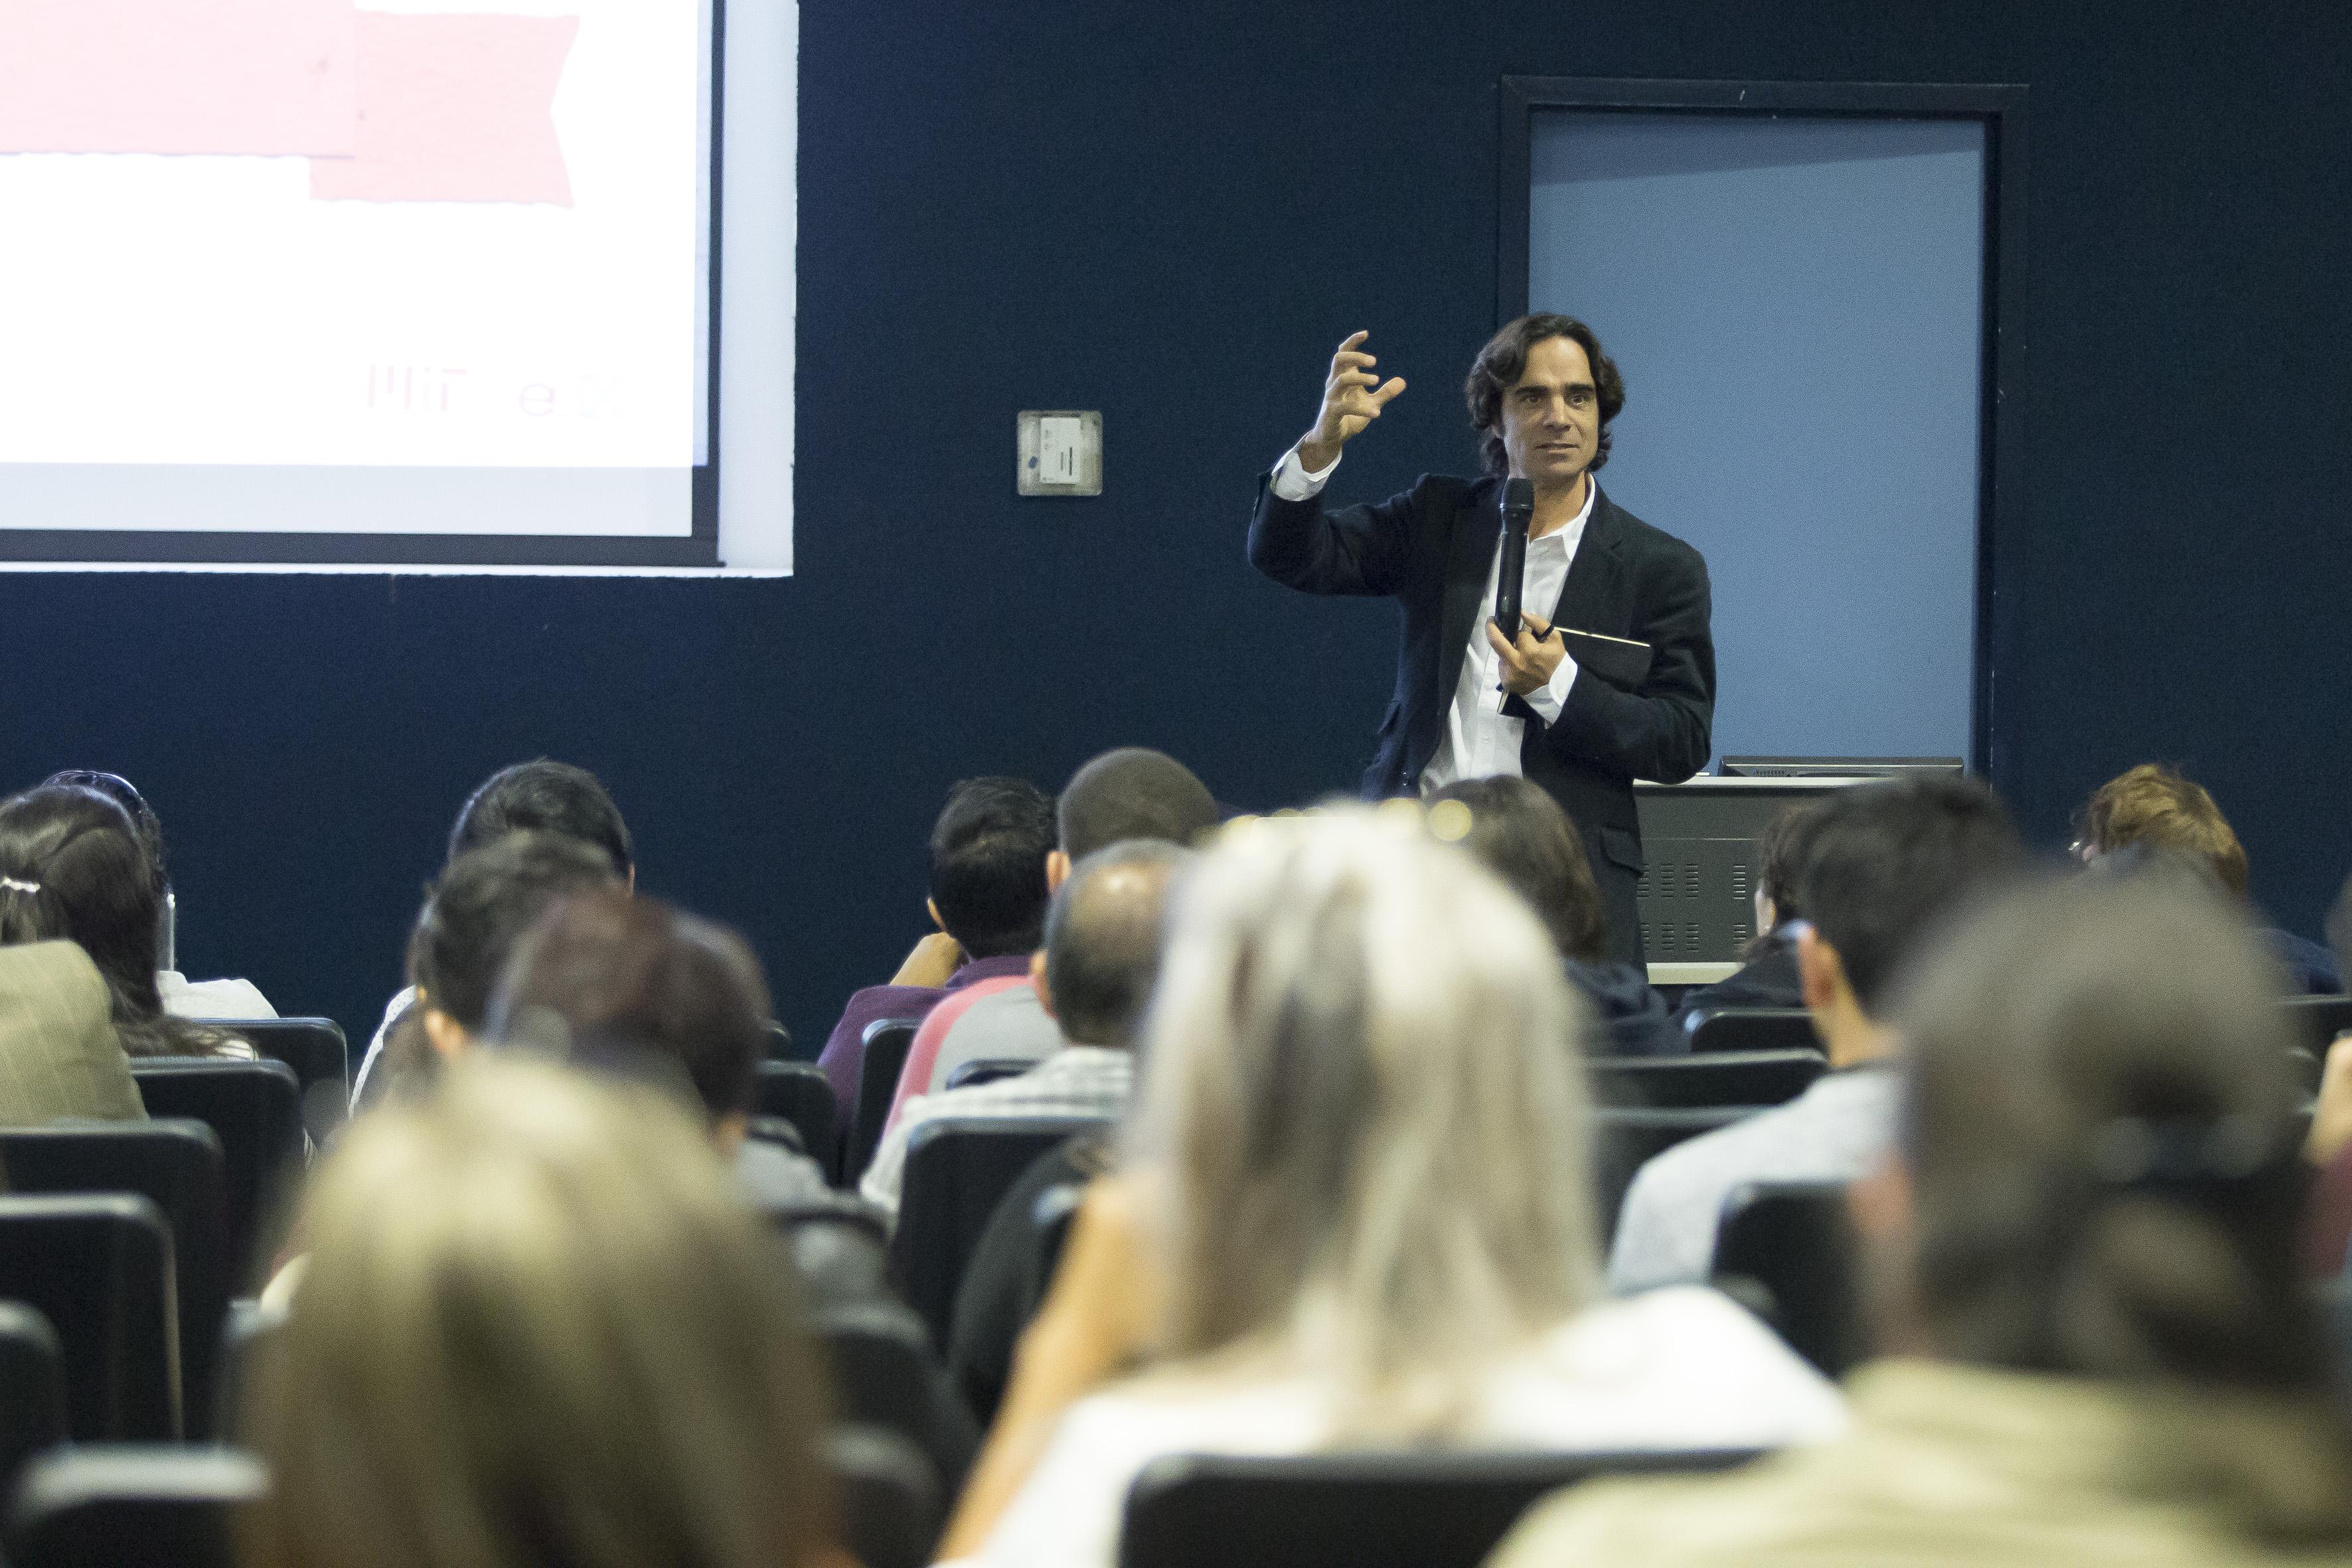 Dr. Brian Subirana, profesor del MIT, participando como ponente en conferencia.